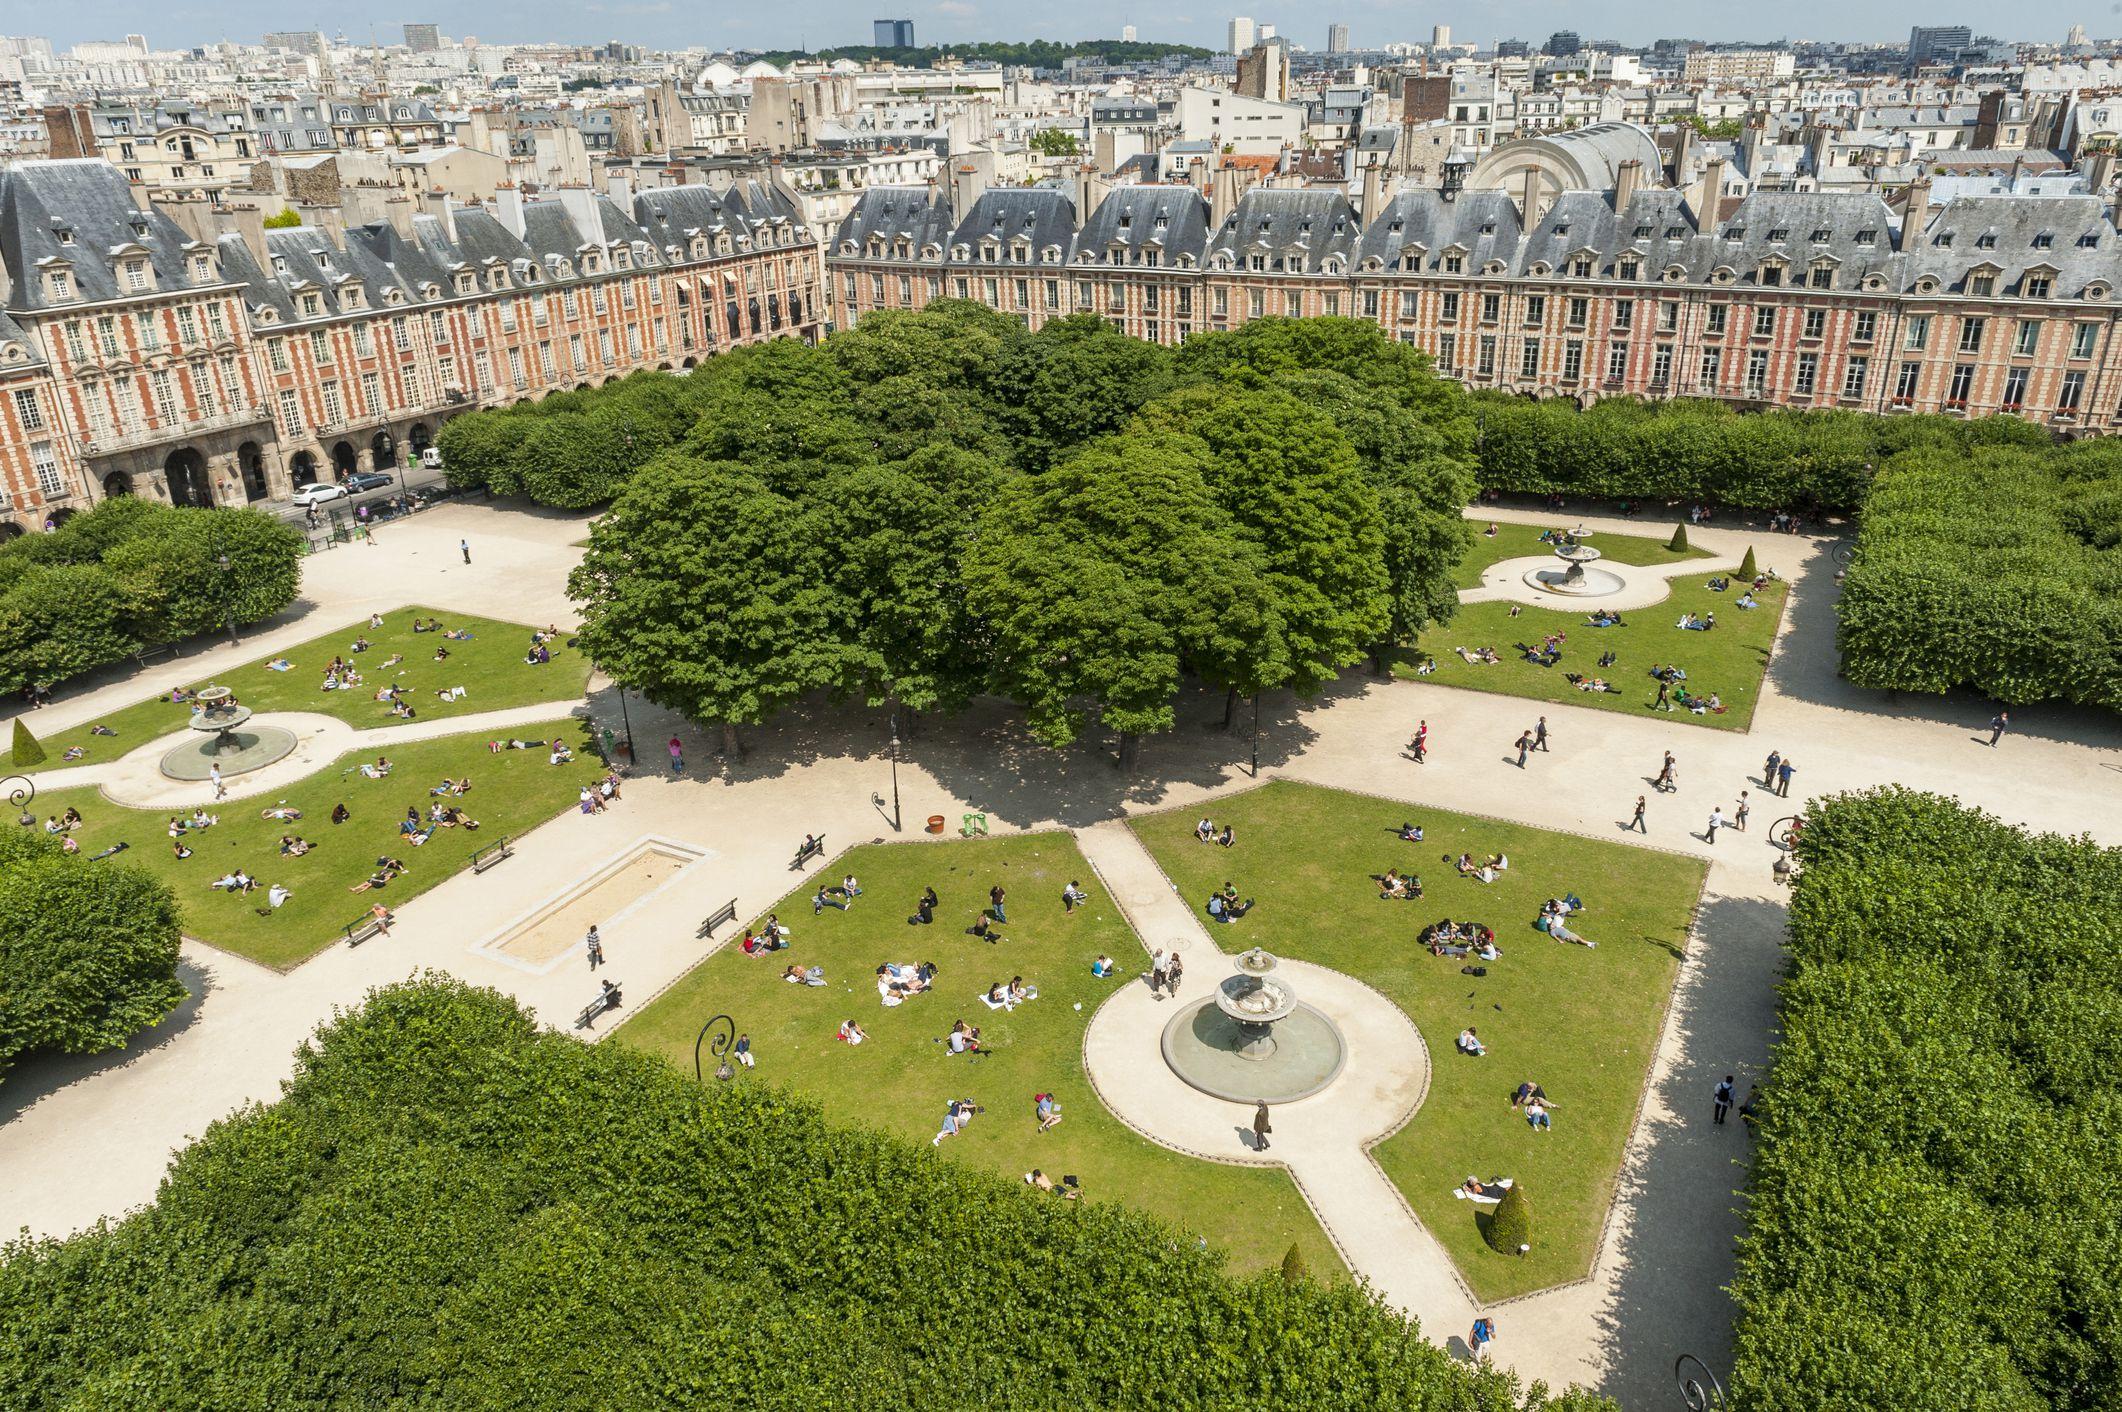 An aerial view of the Place des Vosges, Paris